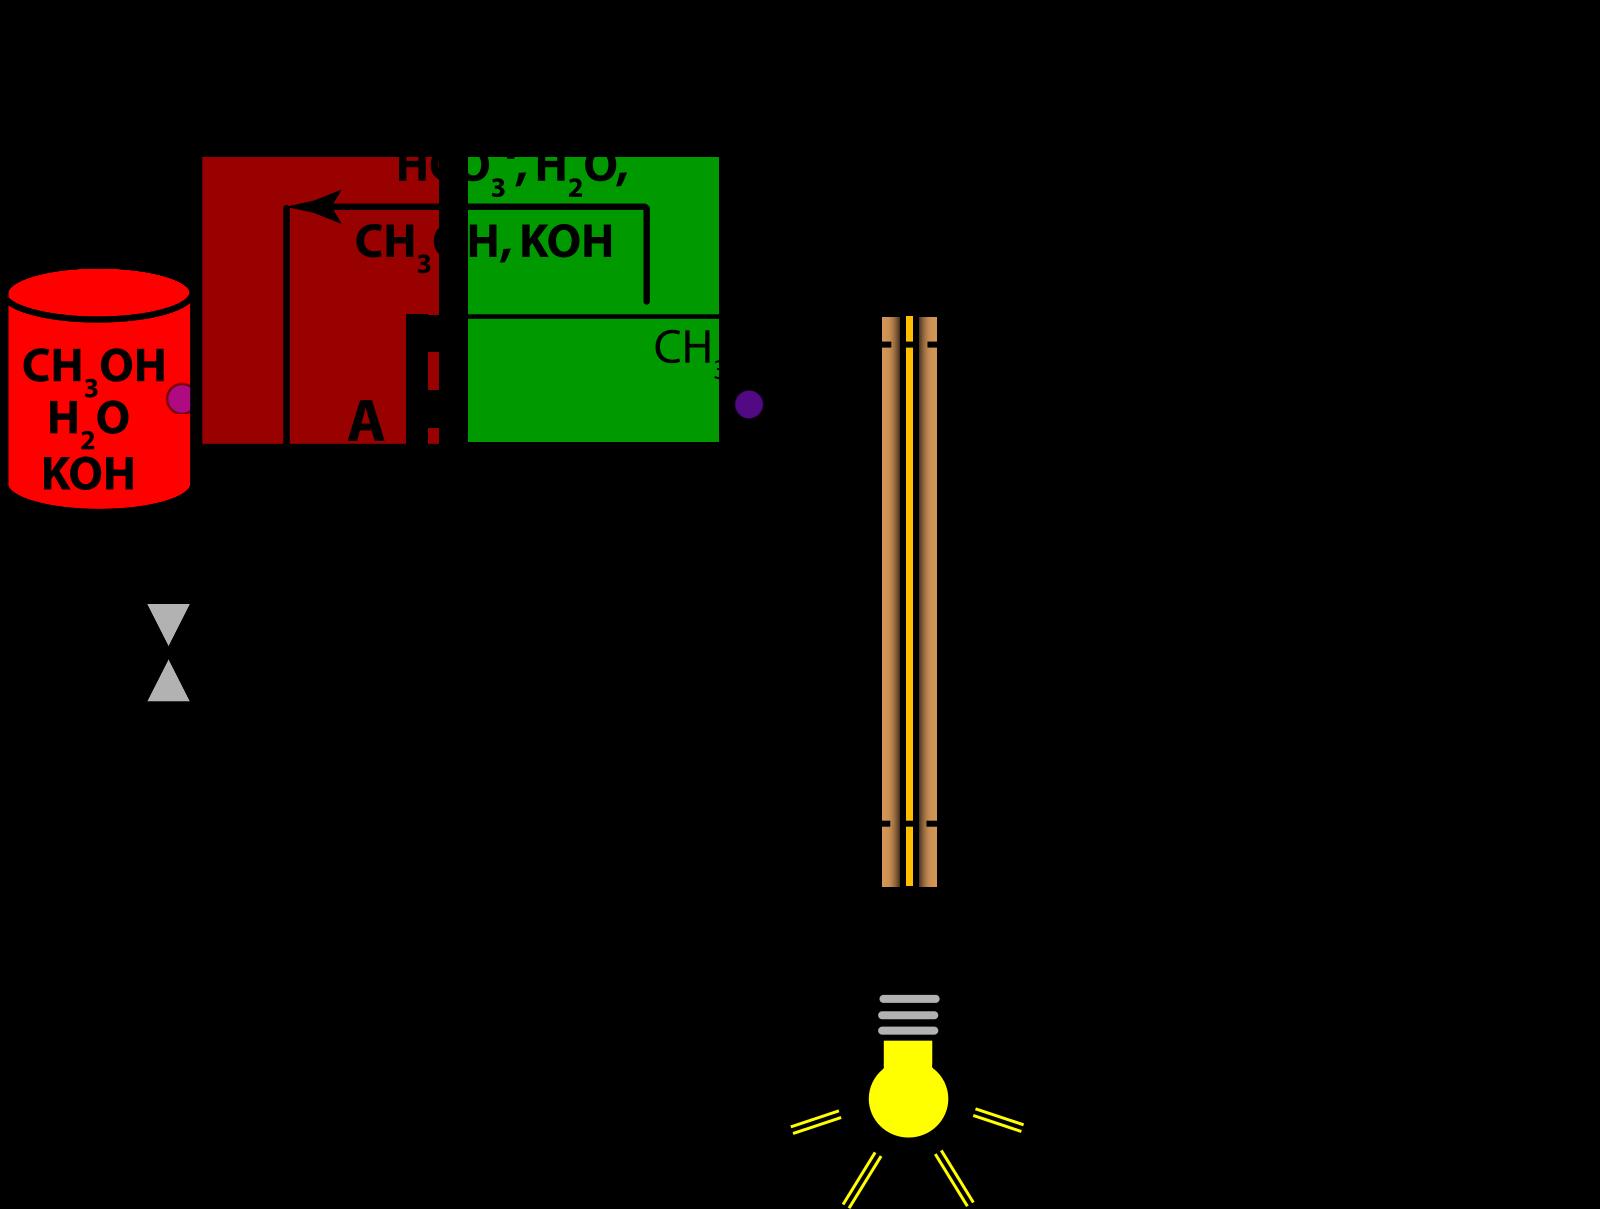 Prokarytoci Cell SVG Clip arts